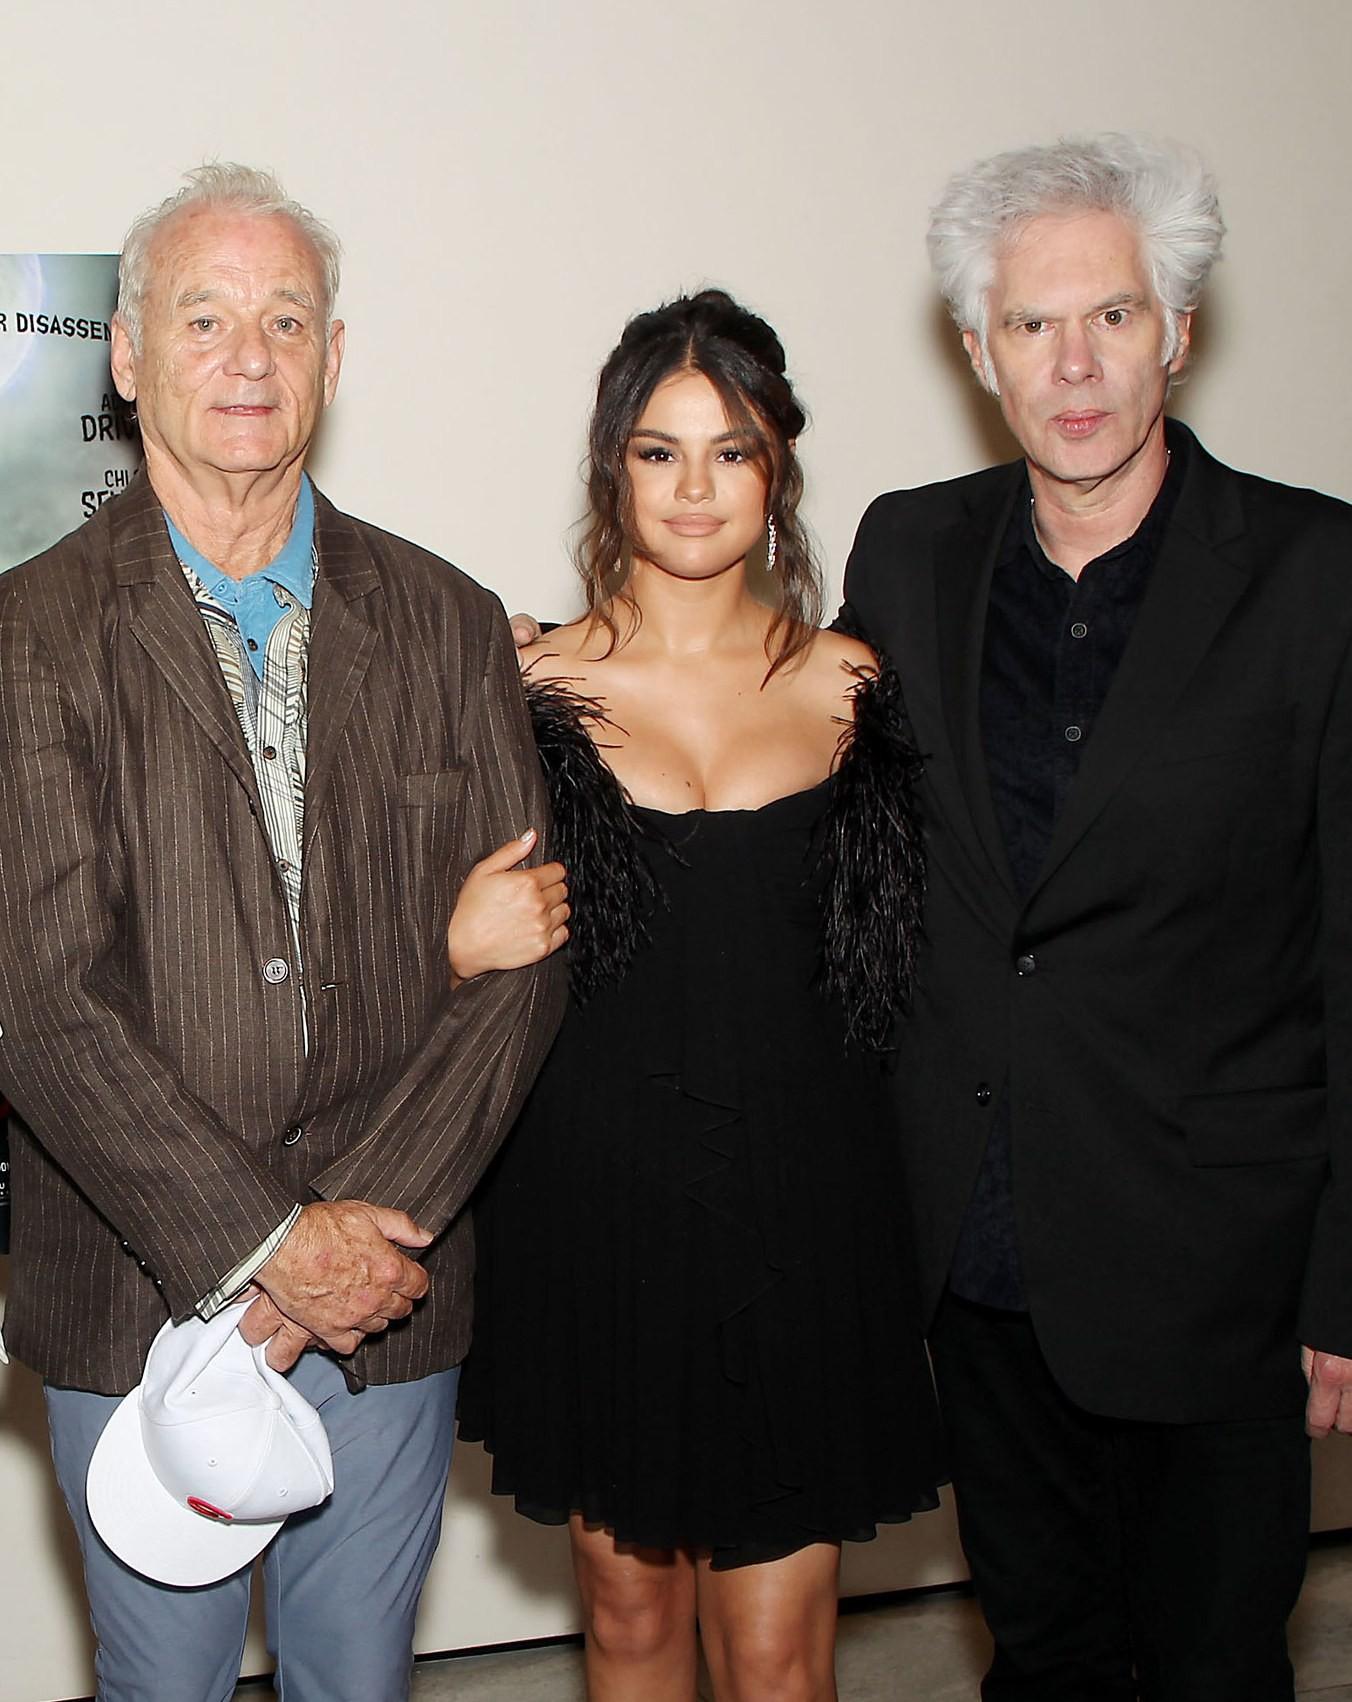 Sau khi đoạn tuyệt với Justin, Selena Gomez được tài tử 69 tuổi bày tỏ nguyện ý đưa về ra mắt gia đình - Ảnh 1.